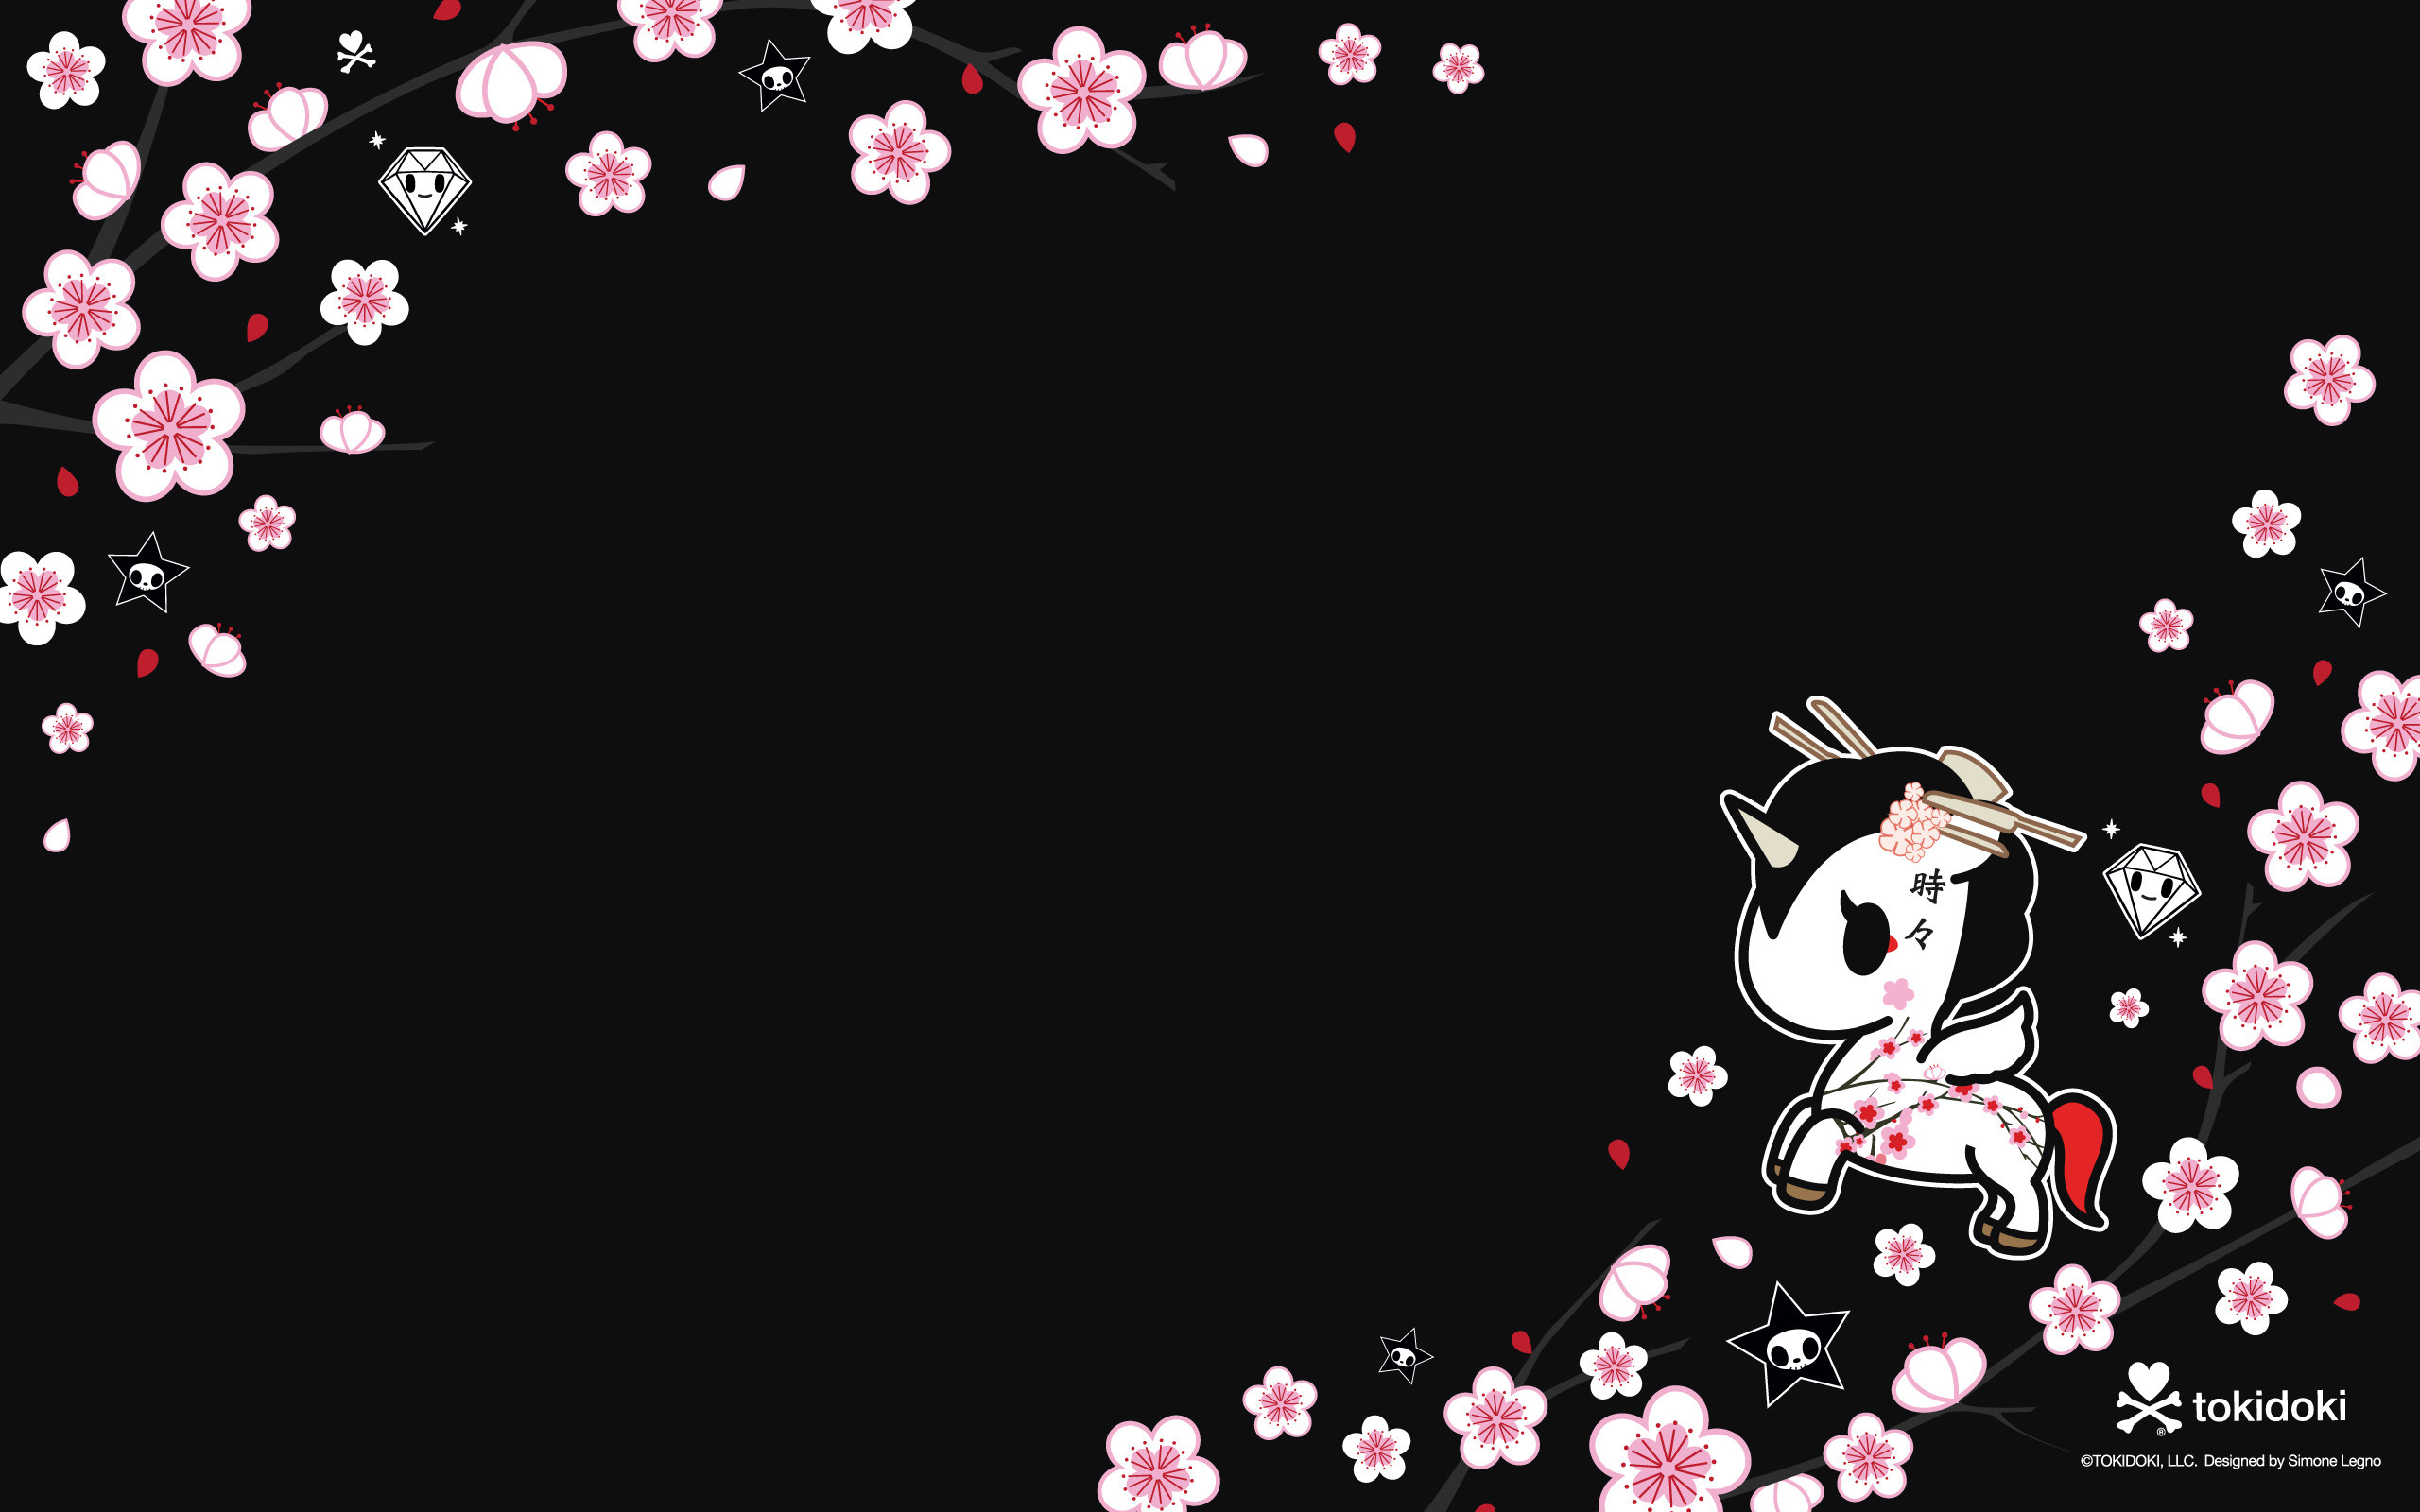 tokidoki wallpaper